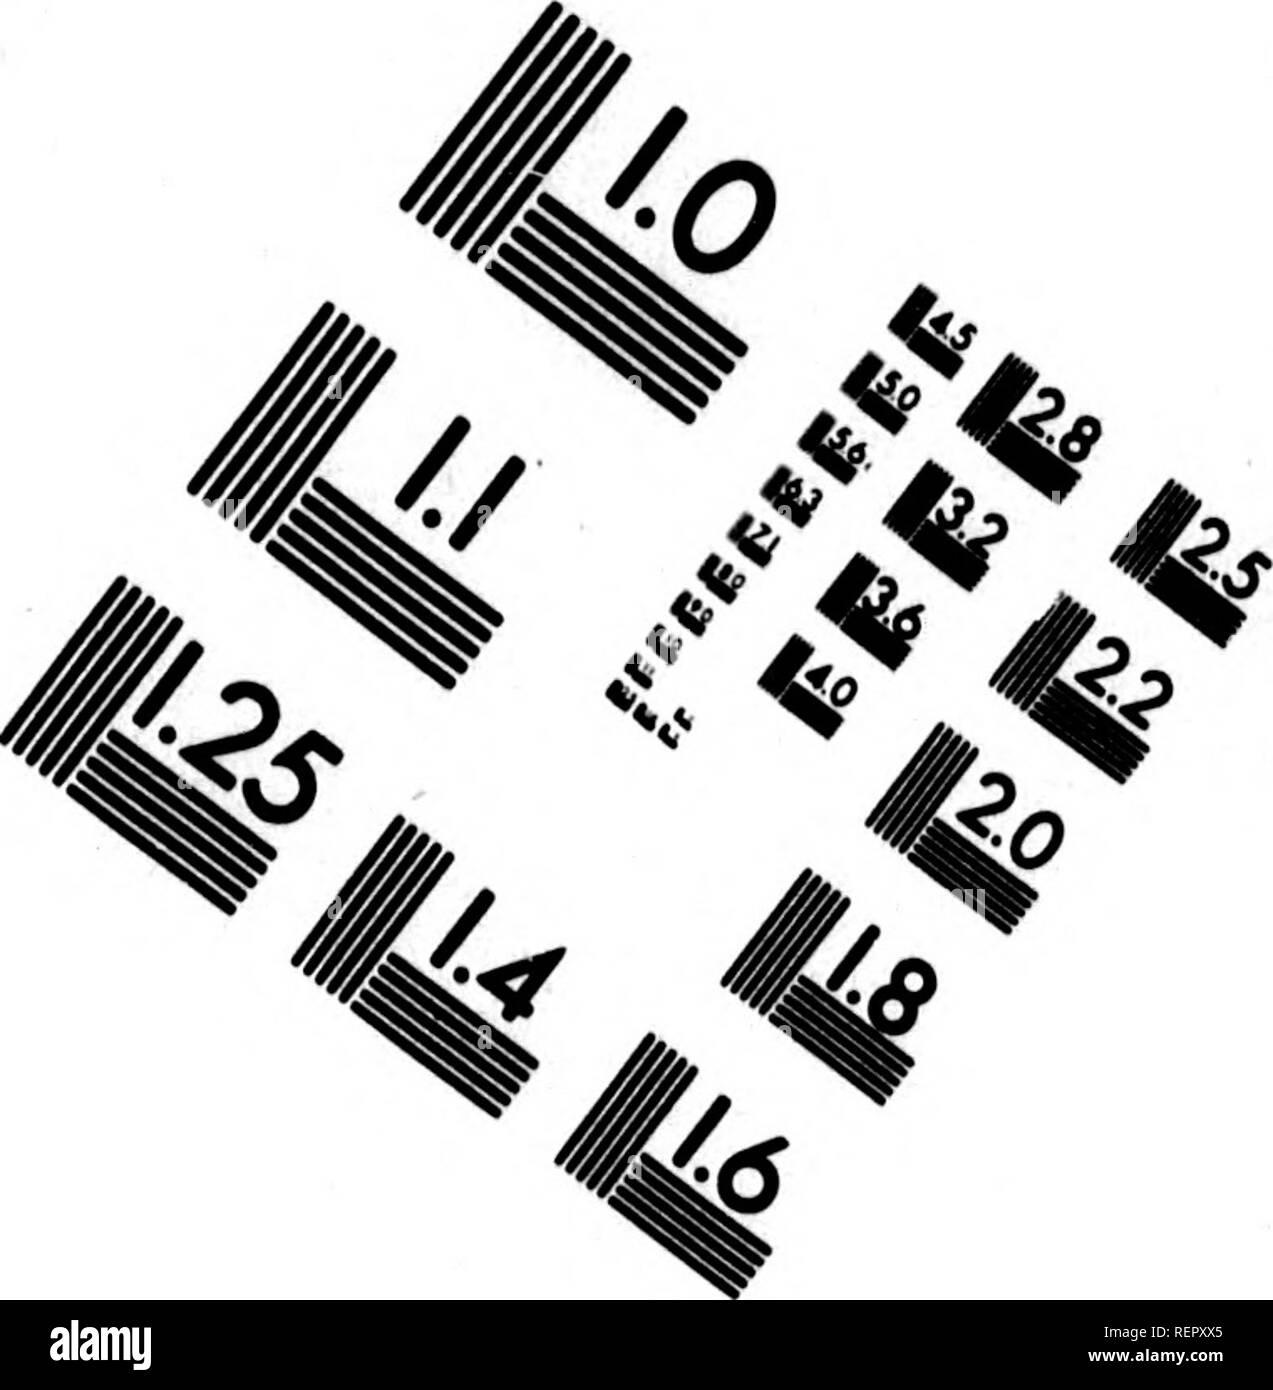 . Histoire naturelle de Buffon [microforme] : classée par ordres, genres et espèces, d'après le système de Linné avec les caractères géné riques et la nomenclature Linnéenne. Sciences naturelles; Ornithologie; Natural history; Ornithology. IMAGE EVALUATION TEST TARGET (MT-3). 1.0 l.l Ià £ 2j8  2.5 â ^ Uii 12.2 UJà L25 i 1.4 1.6 I: ir. Please note that these images are extracted from scanned page images that may have been digitally enhanced for readability - coloration and appearance of these illustrations may not perfectly resemble the original work.. Castel, René-Richard, 1758-1832 - Stock Image